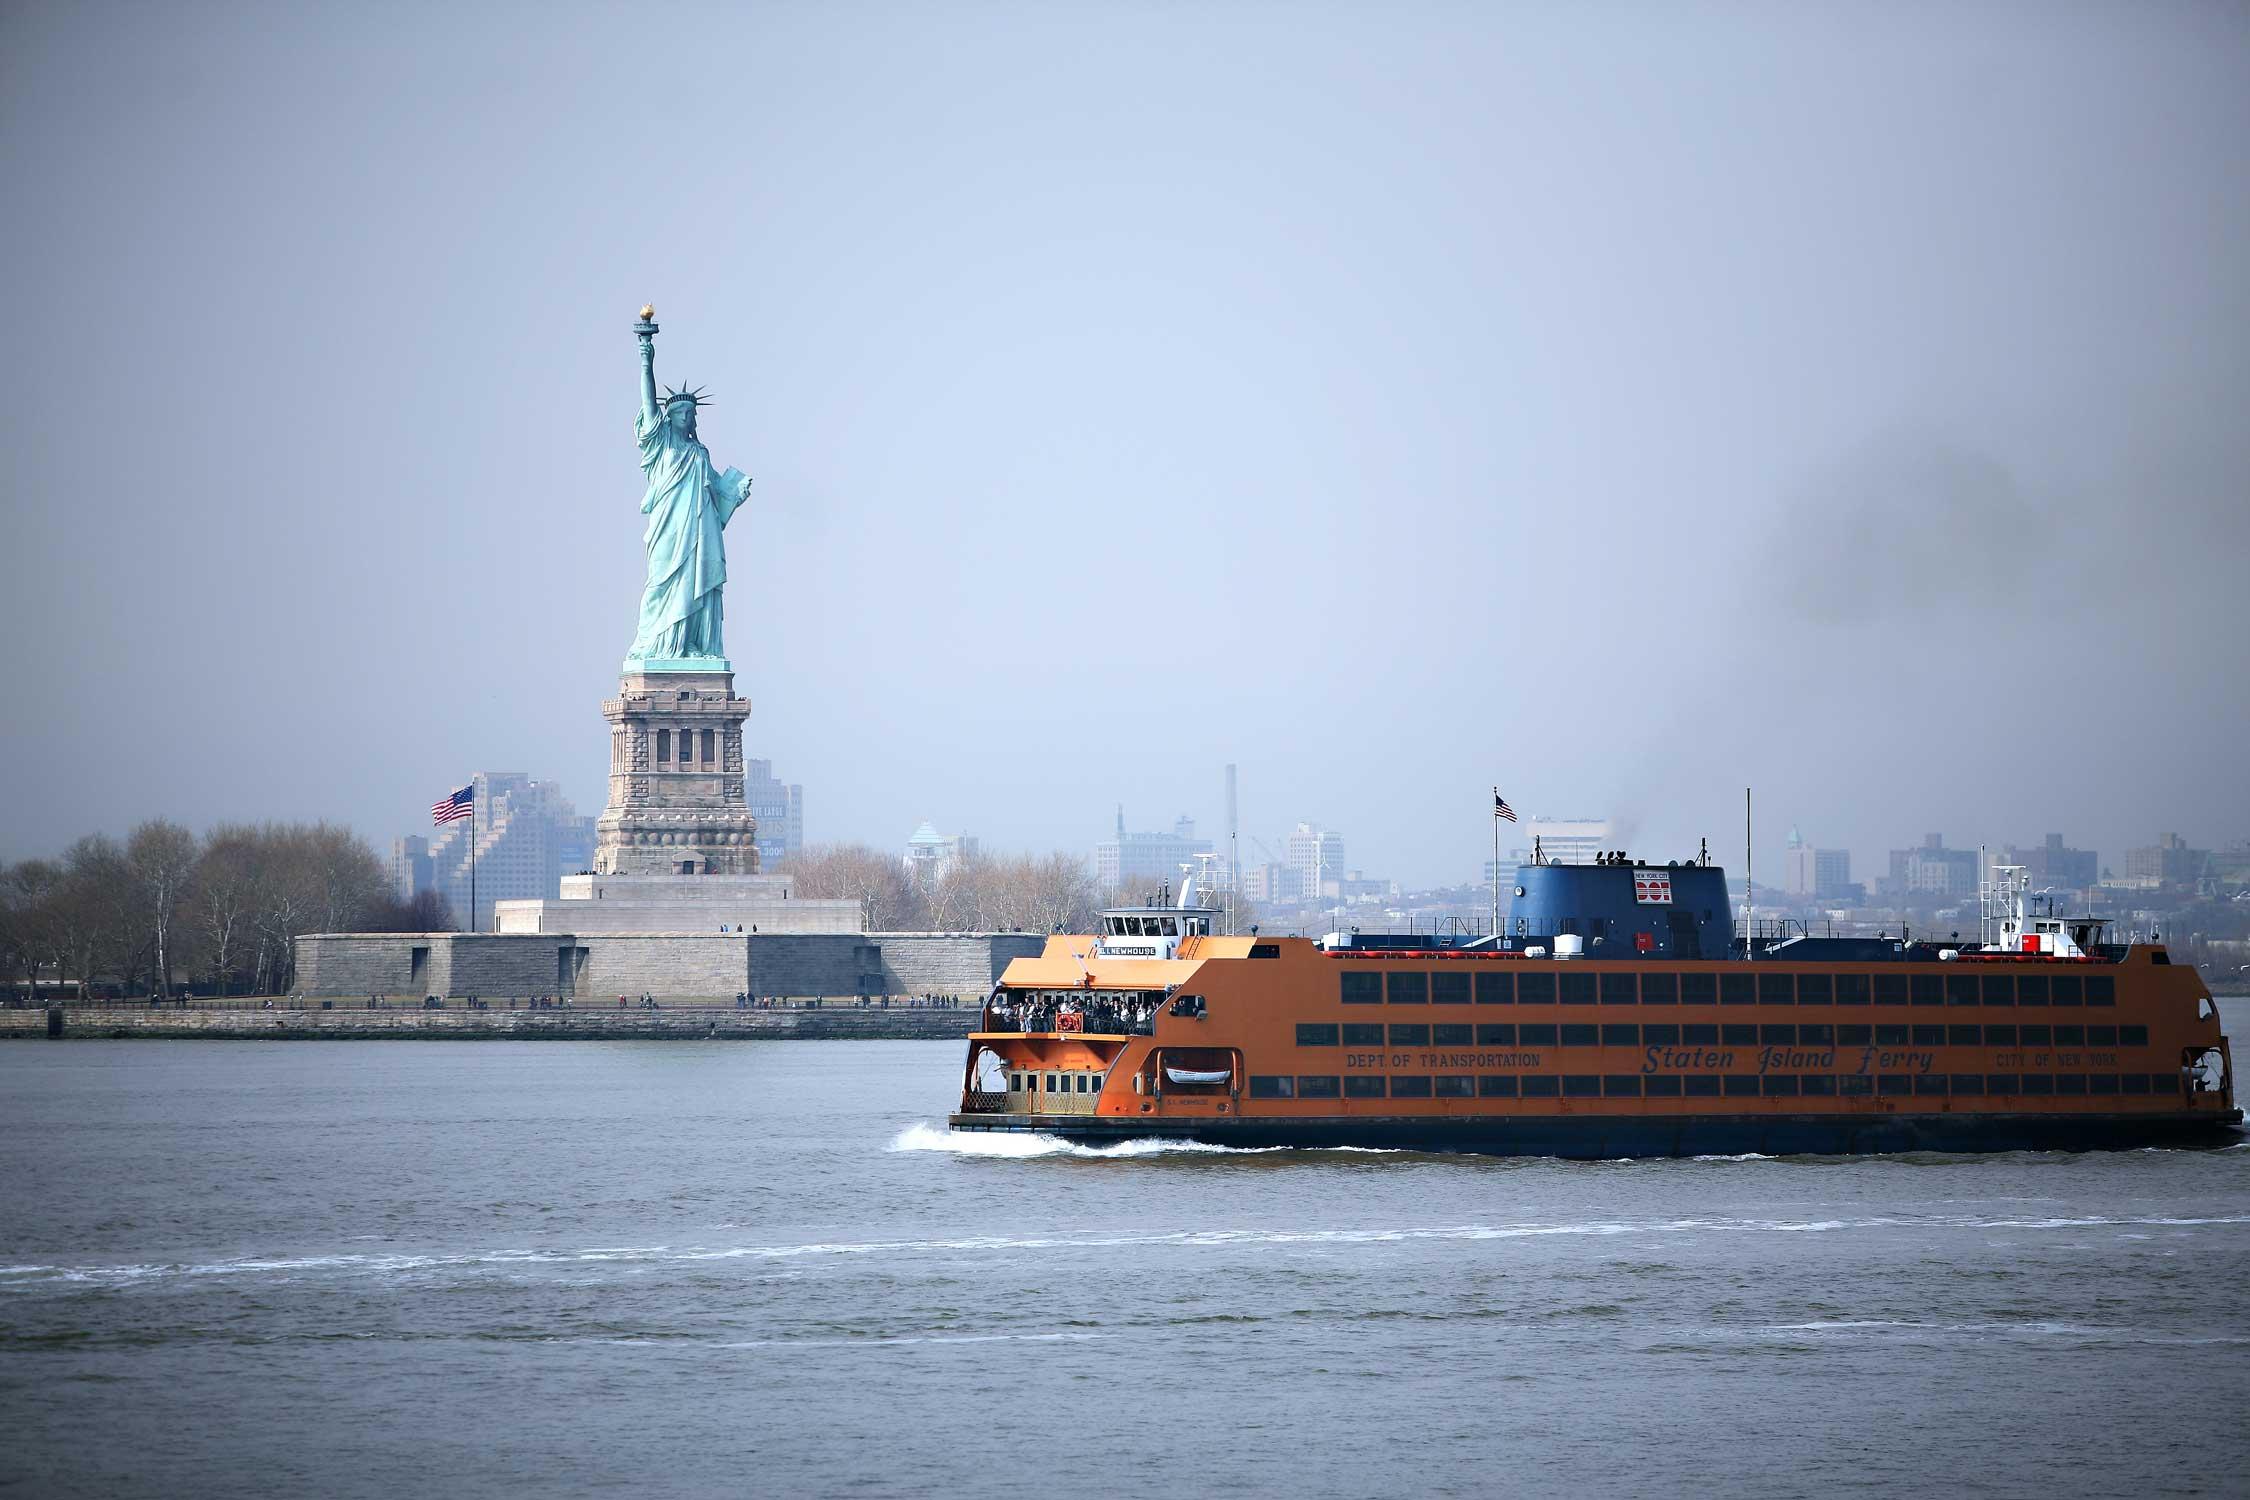 sfondi mare veicolo fiume porto nave da crociera stati uniti d 39 america 2015 nave cargo. Black Bedroom Furniture Sets. Home Design Ideas